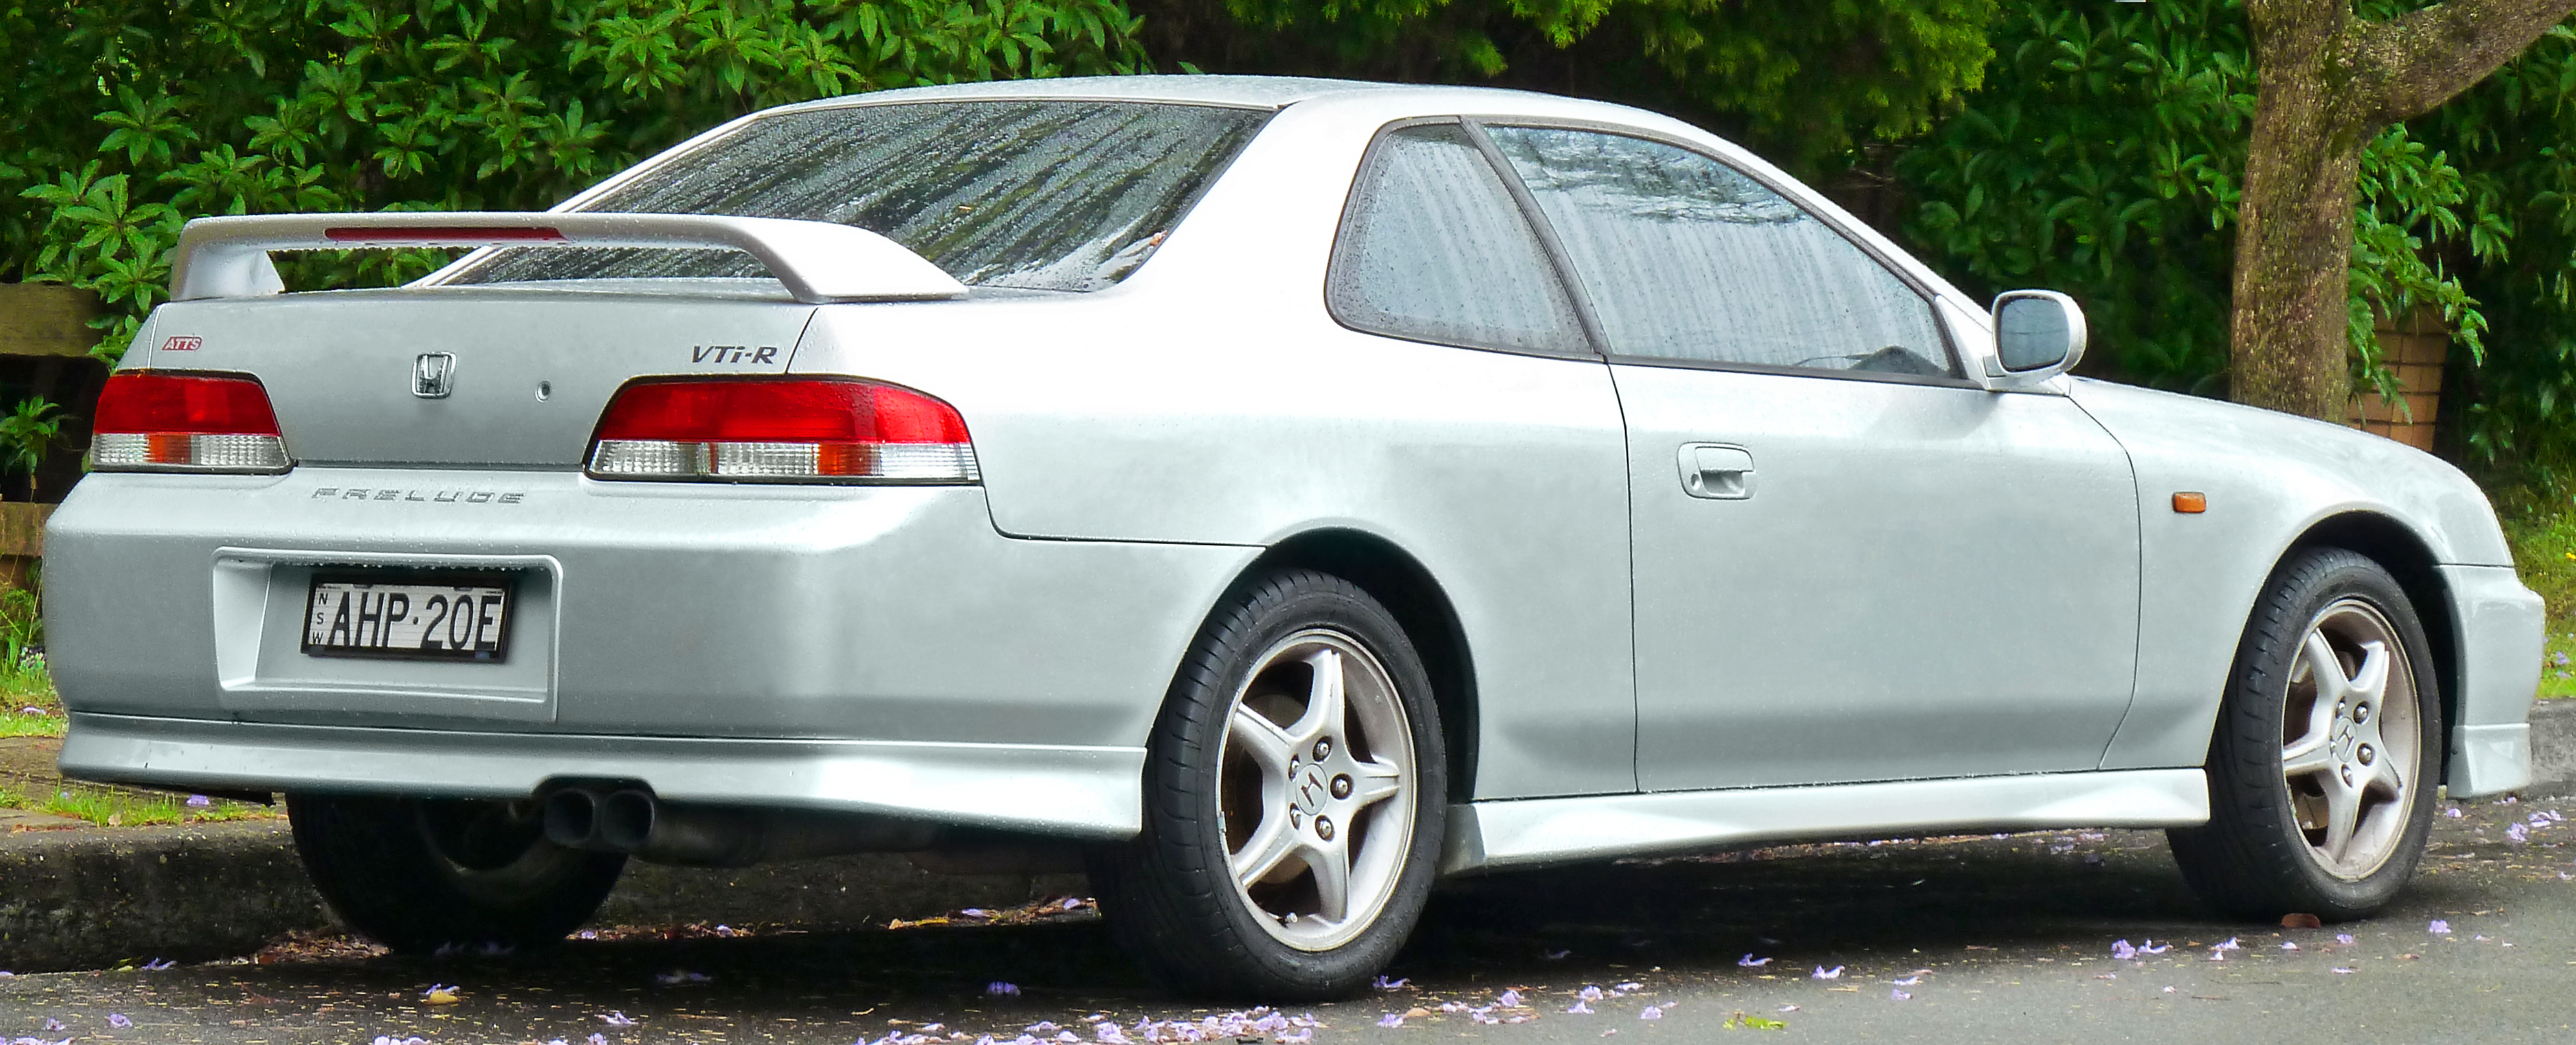 File 1997 2001 Honda Prelude Vti R Atts Coupe 2011 11 17